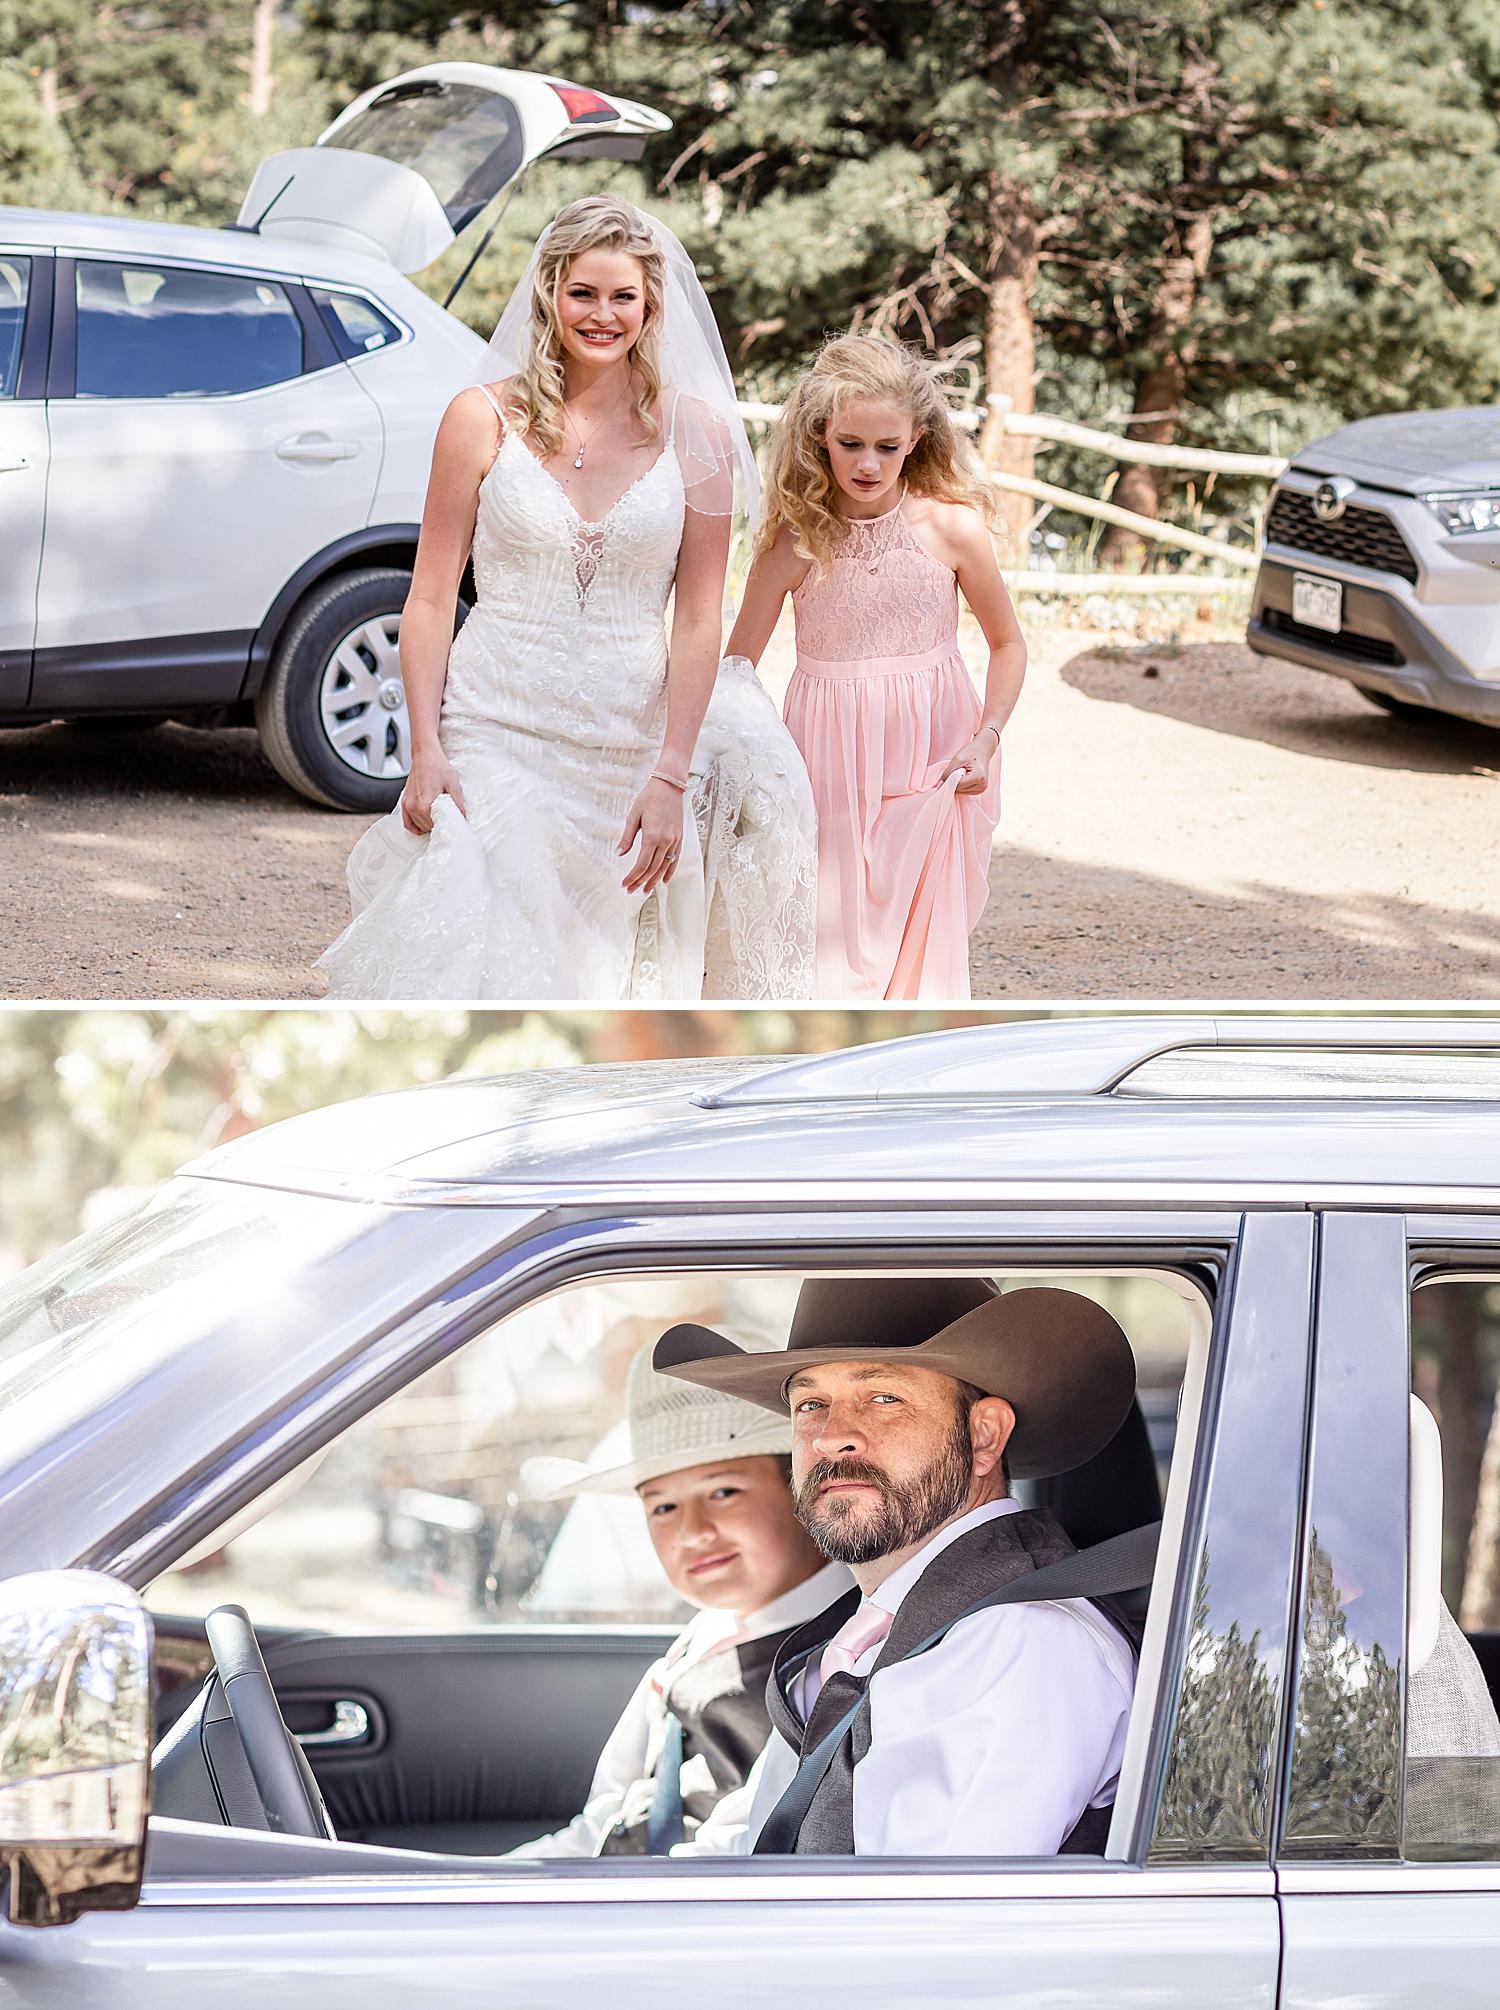 Carly-Barton-Photography-Rocky-Mountain-National-Park-Estes-Park-Wedding-Elopement_0062.jpg